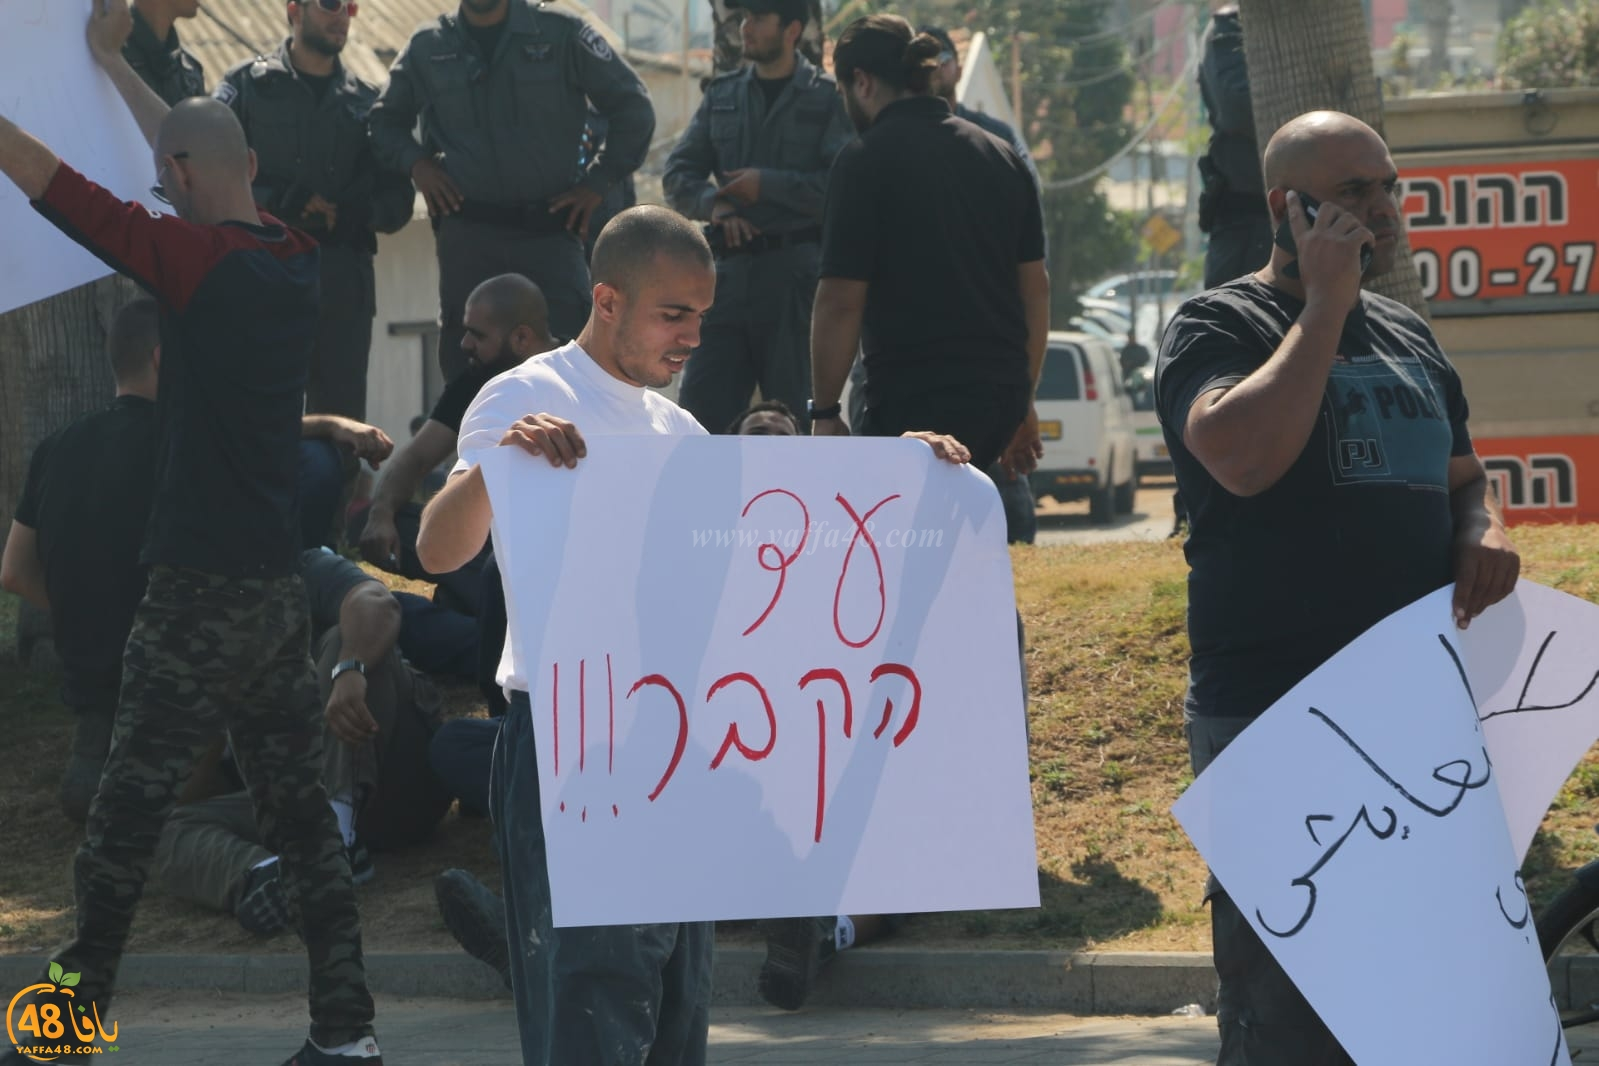 بالفيديو: تظاهرة رفع شعارات أمام مقبرة الاسعاف في مدينة يافا